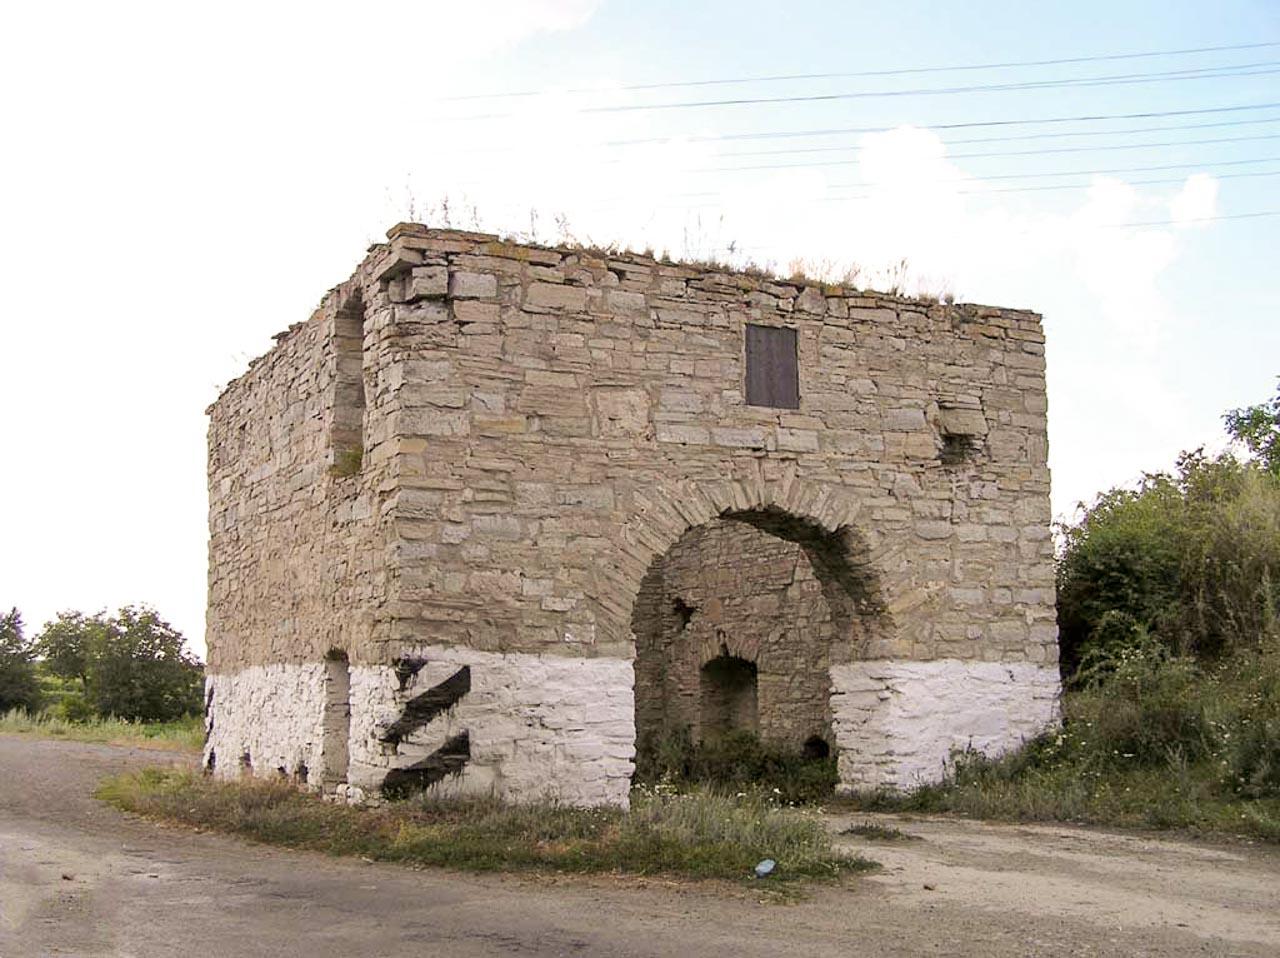 Brama Lwowska w Okopach. Źródło: http://panoramakiev.narod.ru